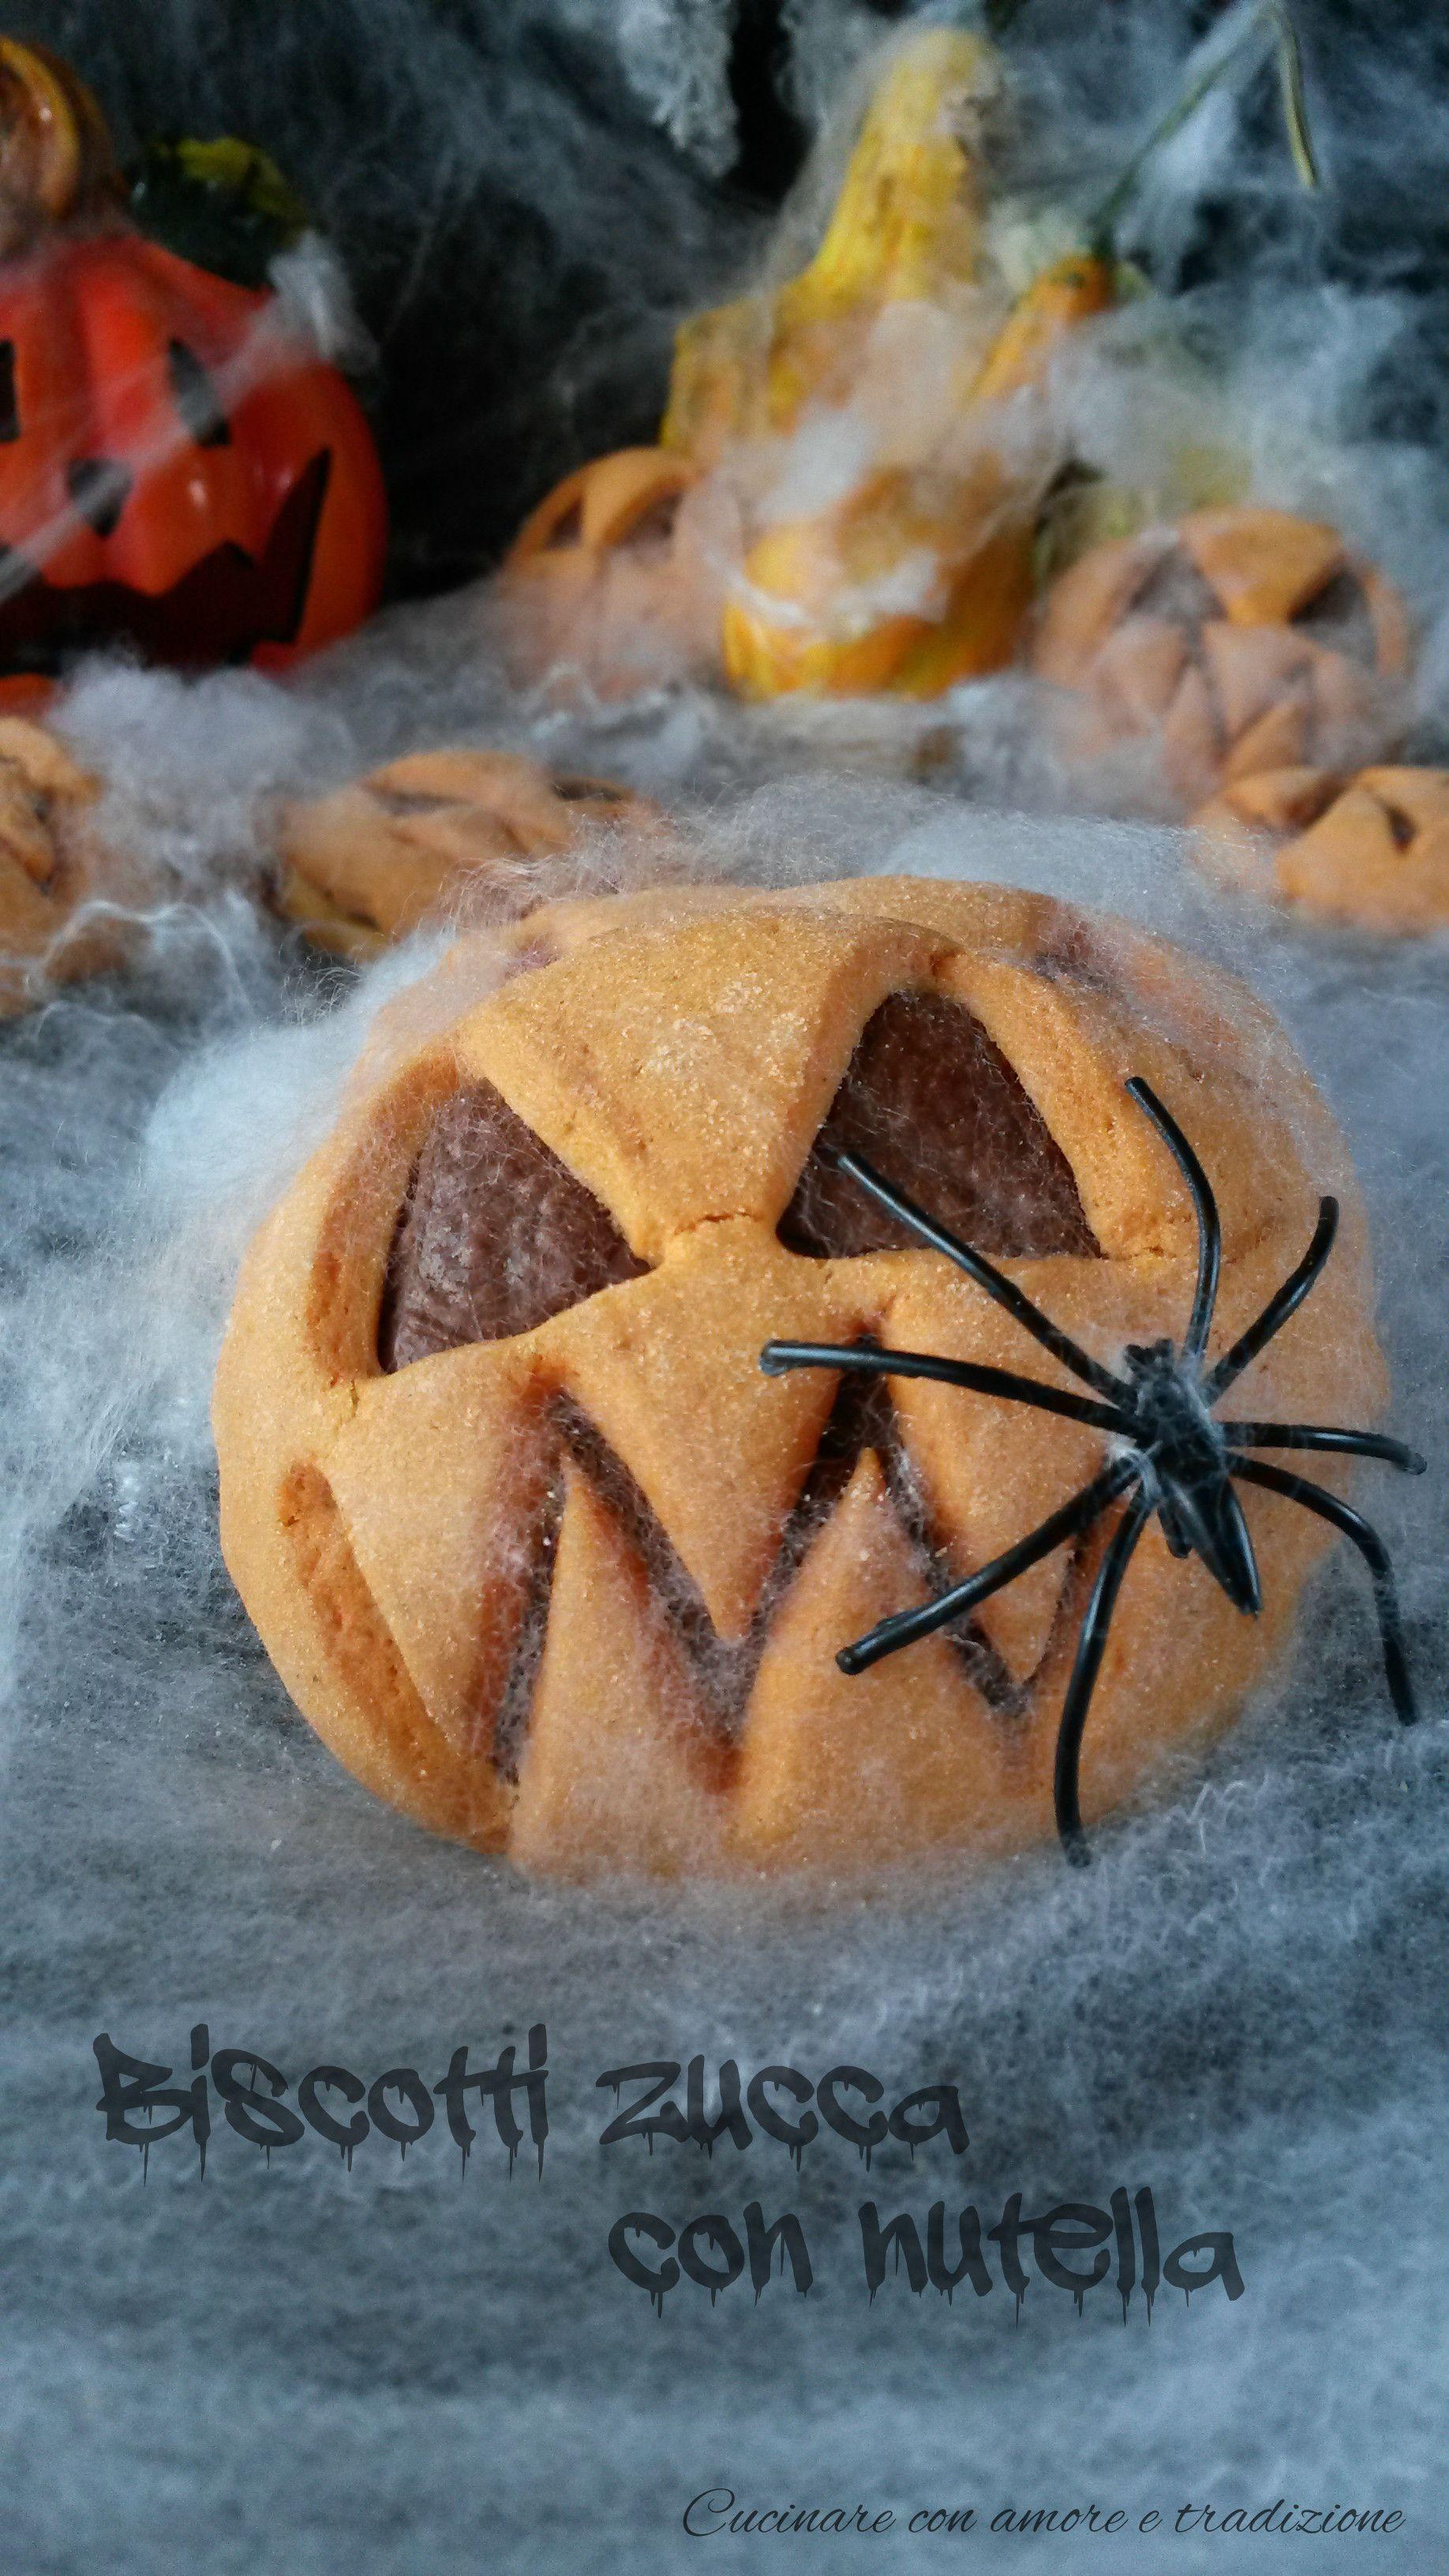 Biscotti zucca con nutella Ricette, Cibi per halloween e